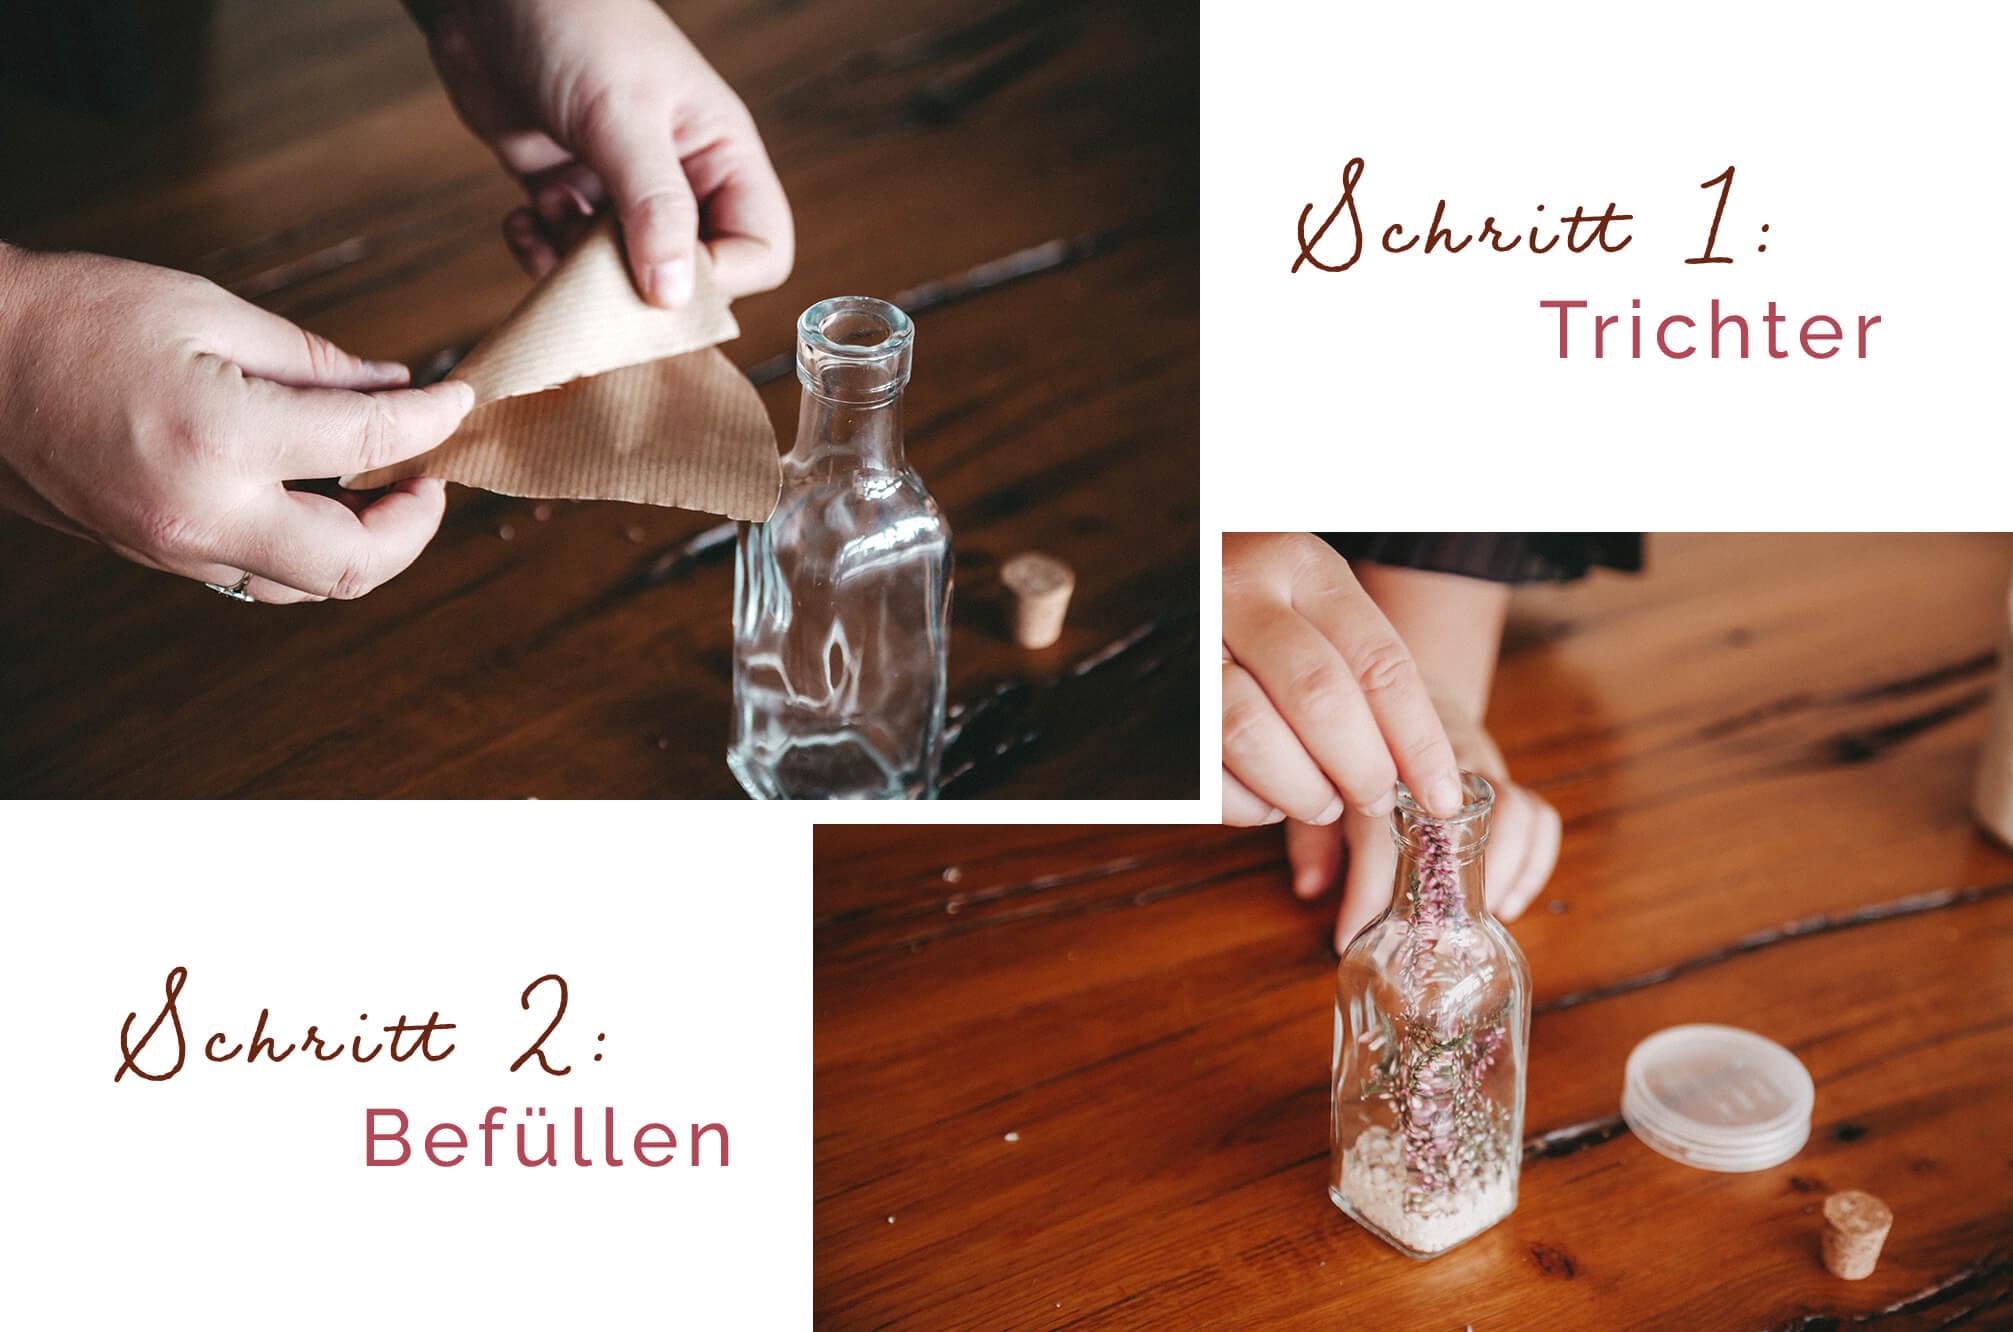 Flasche, Schritt 1 und 2